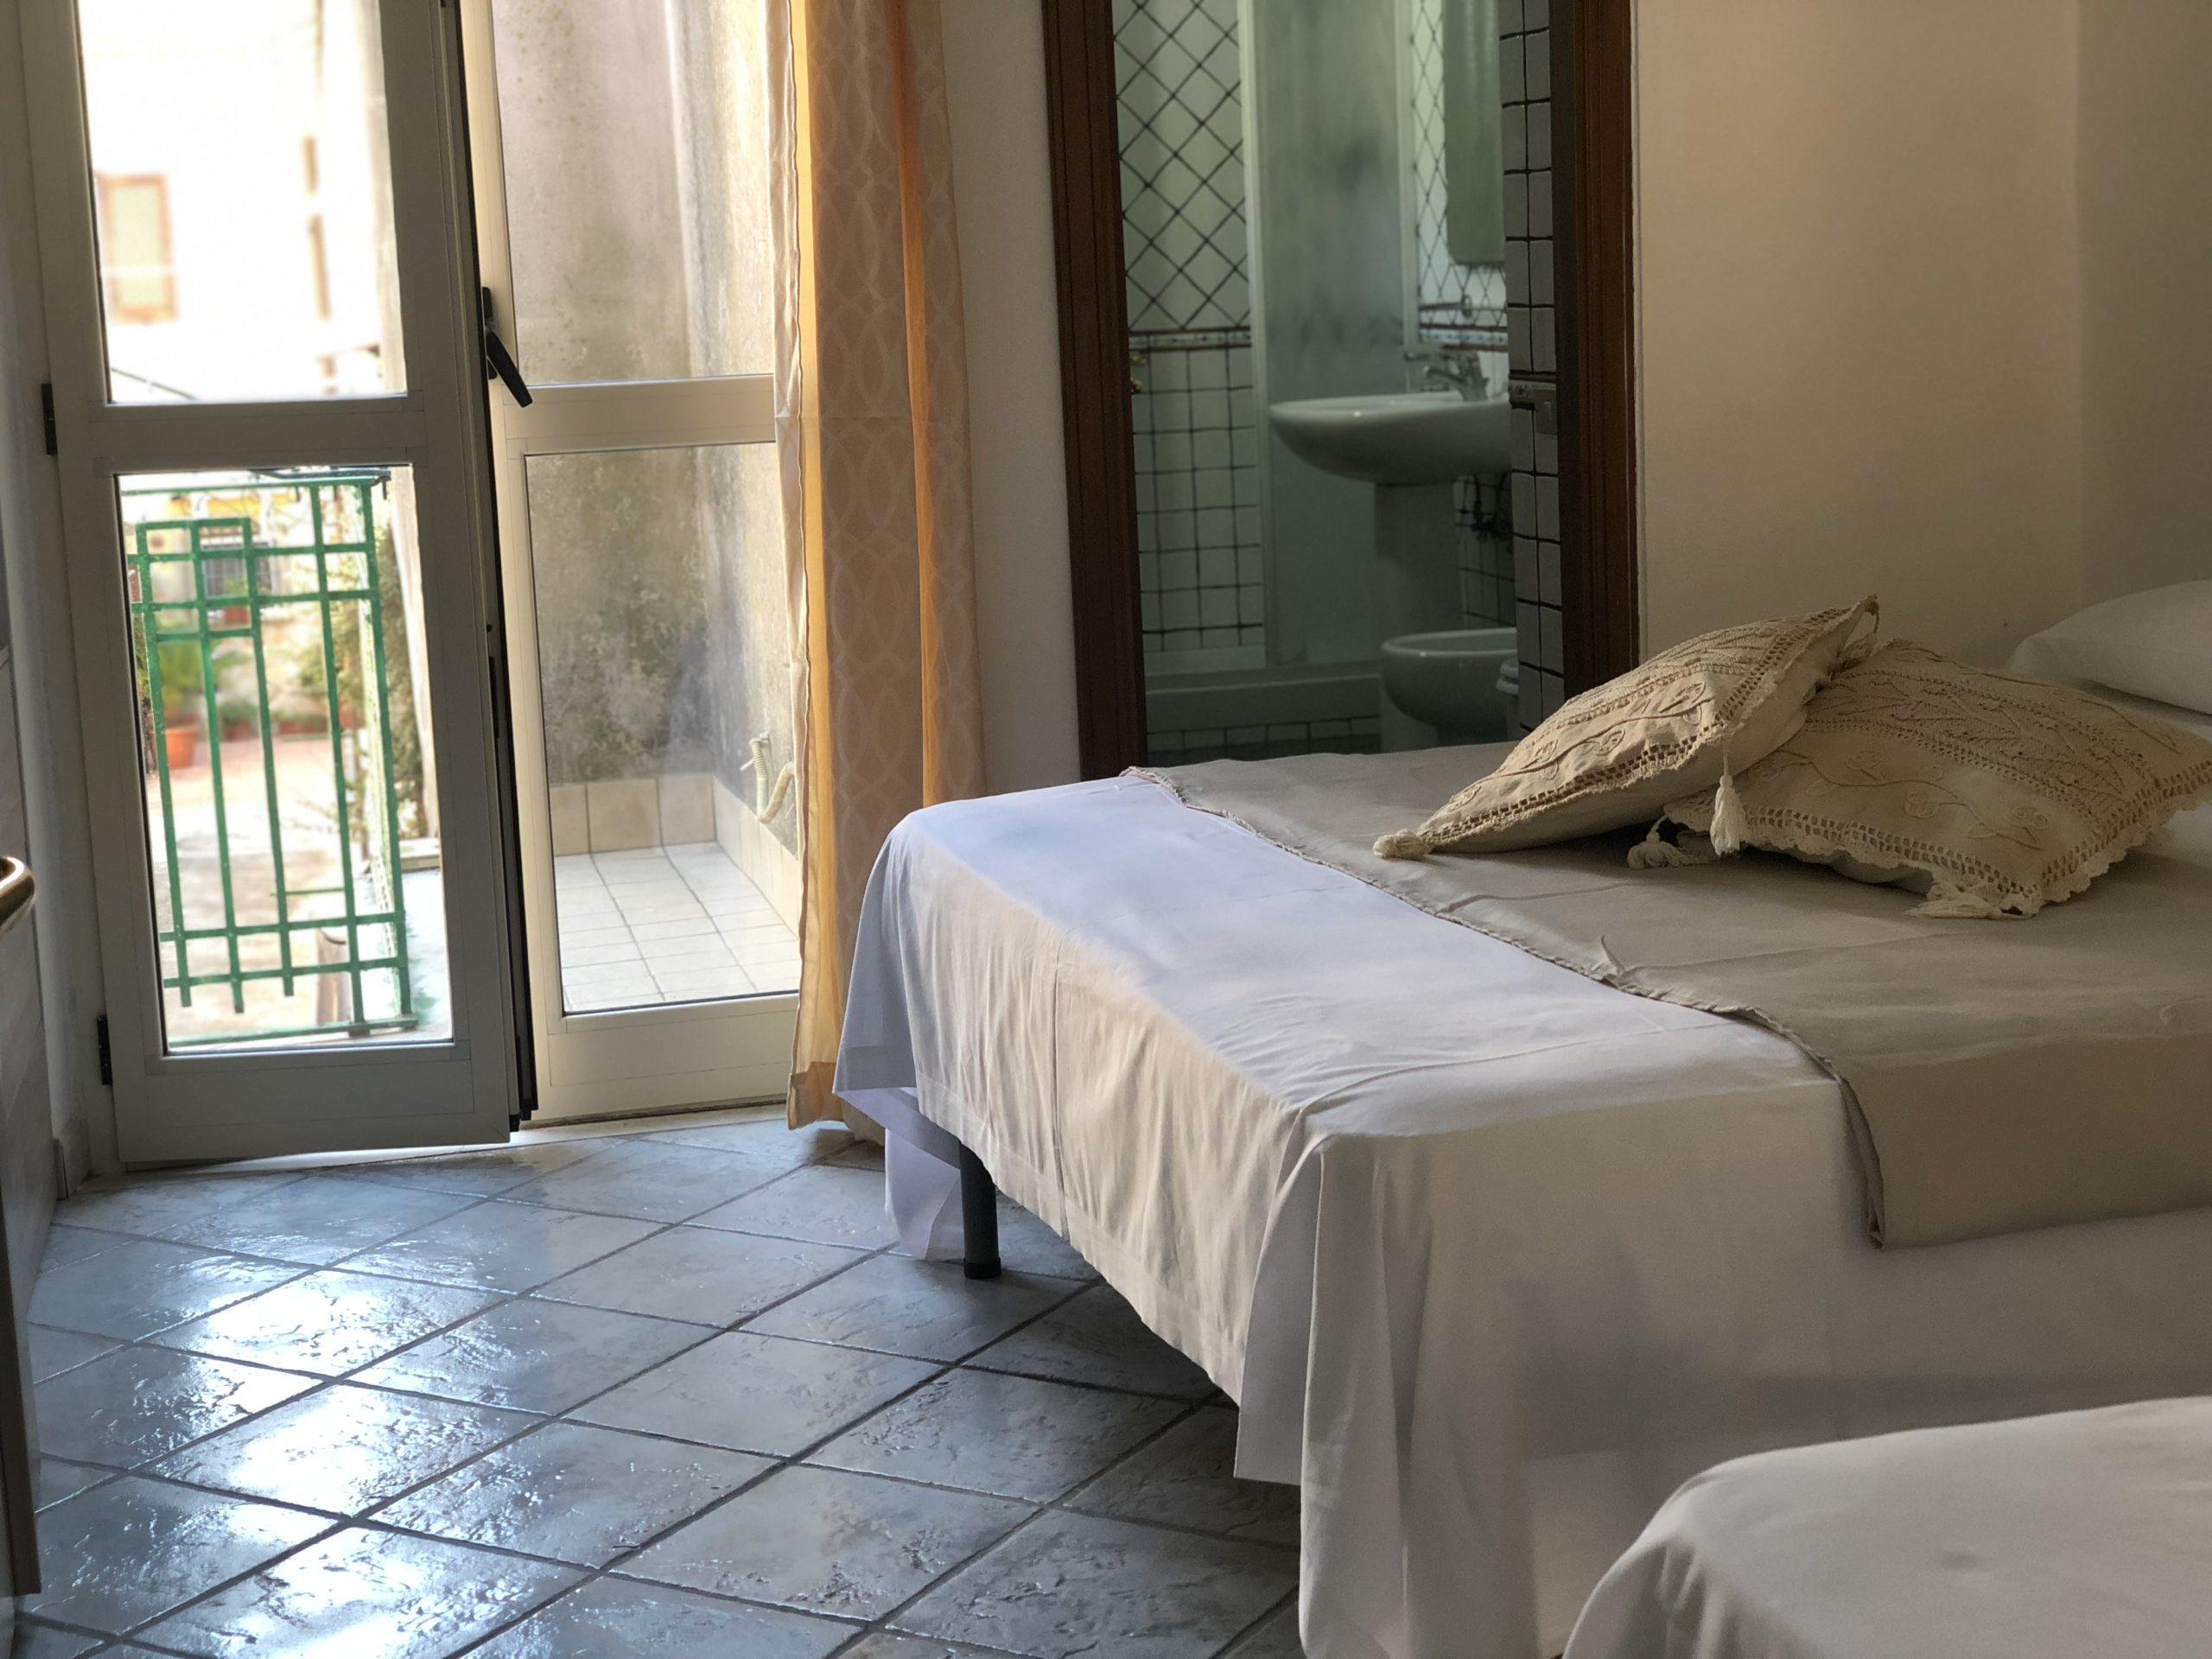 Camera da letto appartamento Hotel Vietri Coast